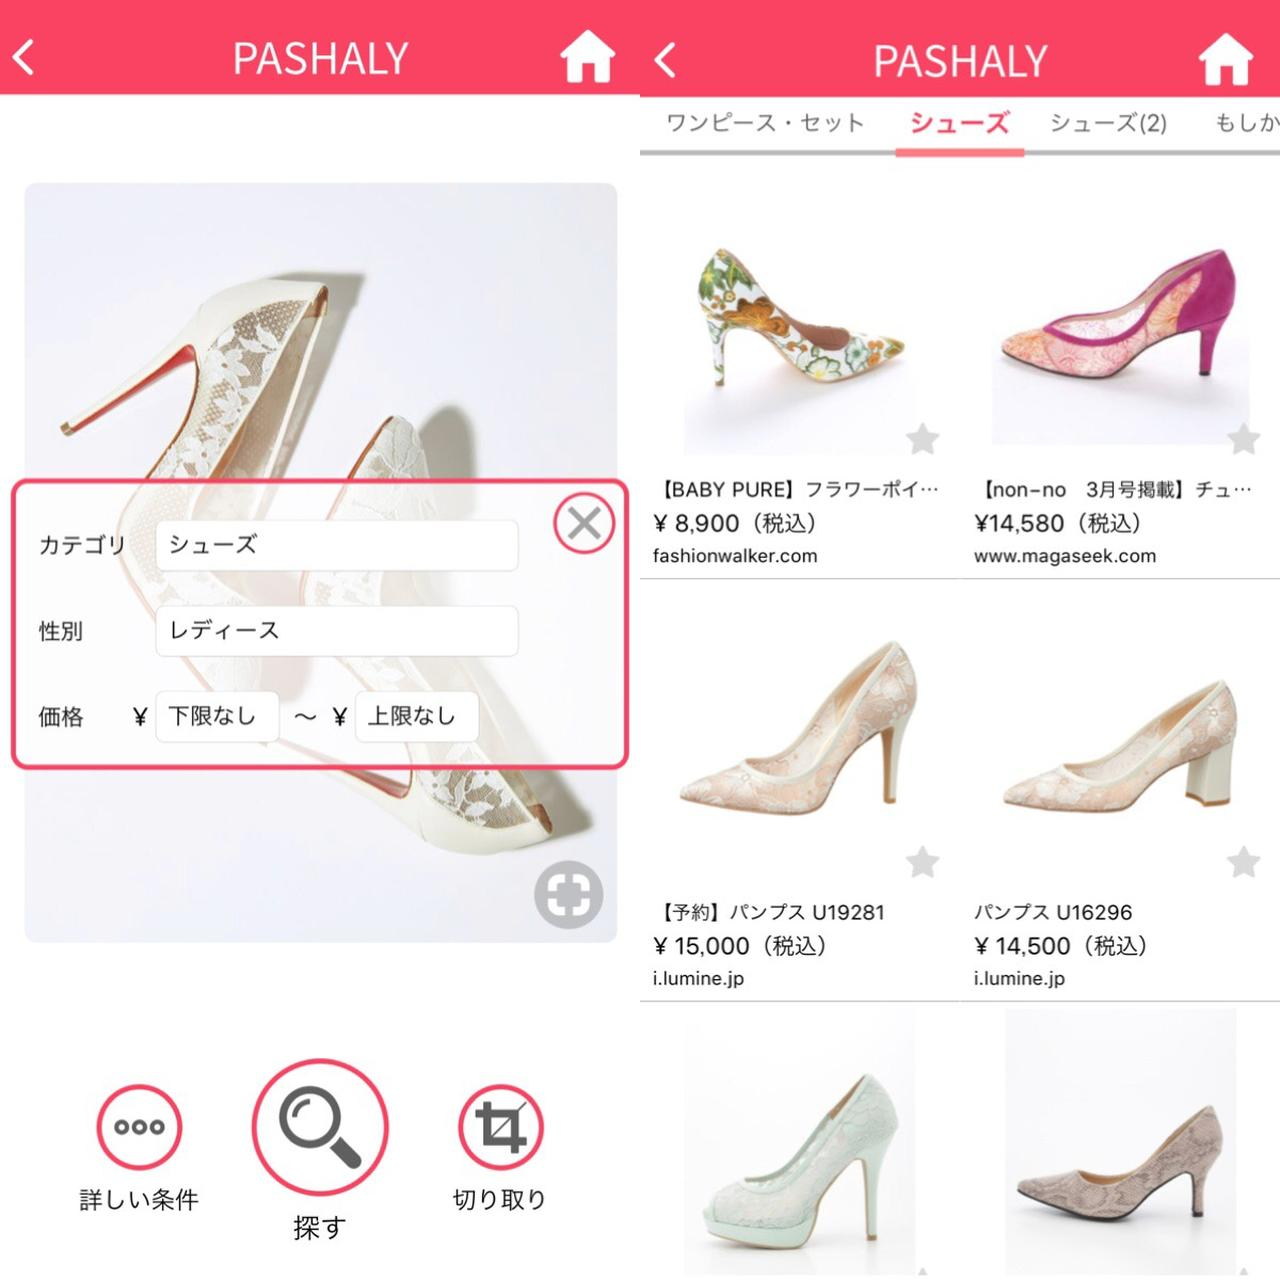 画像3: 写真を読み込むだけで近い商品が買えるサイトを表示!